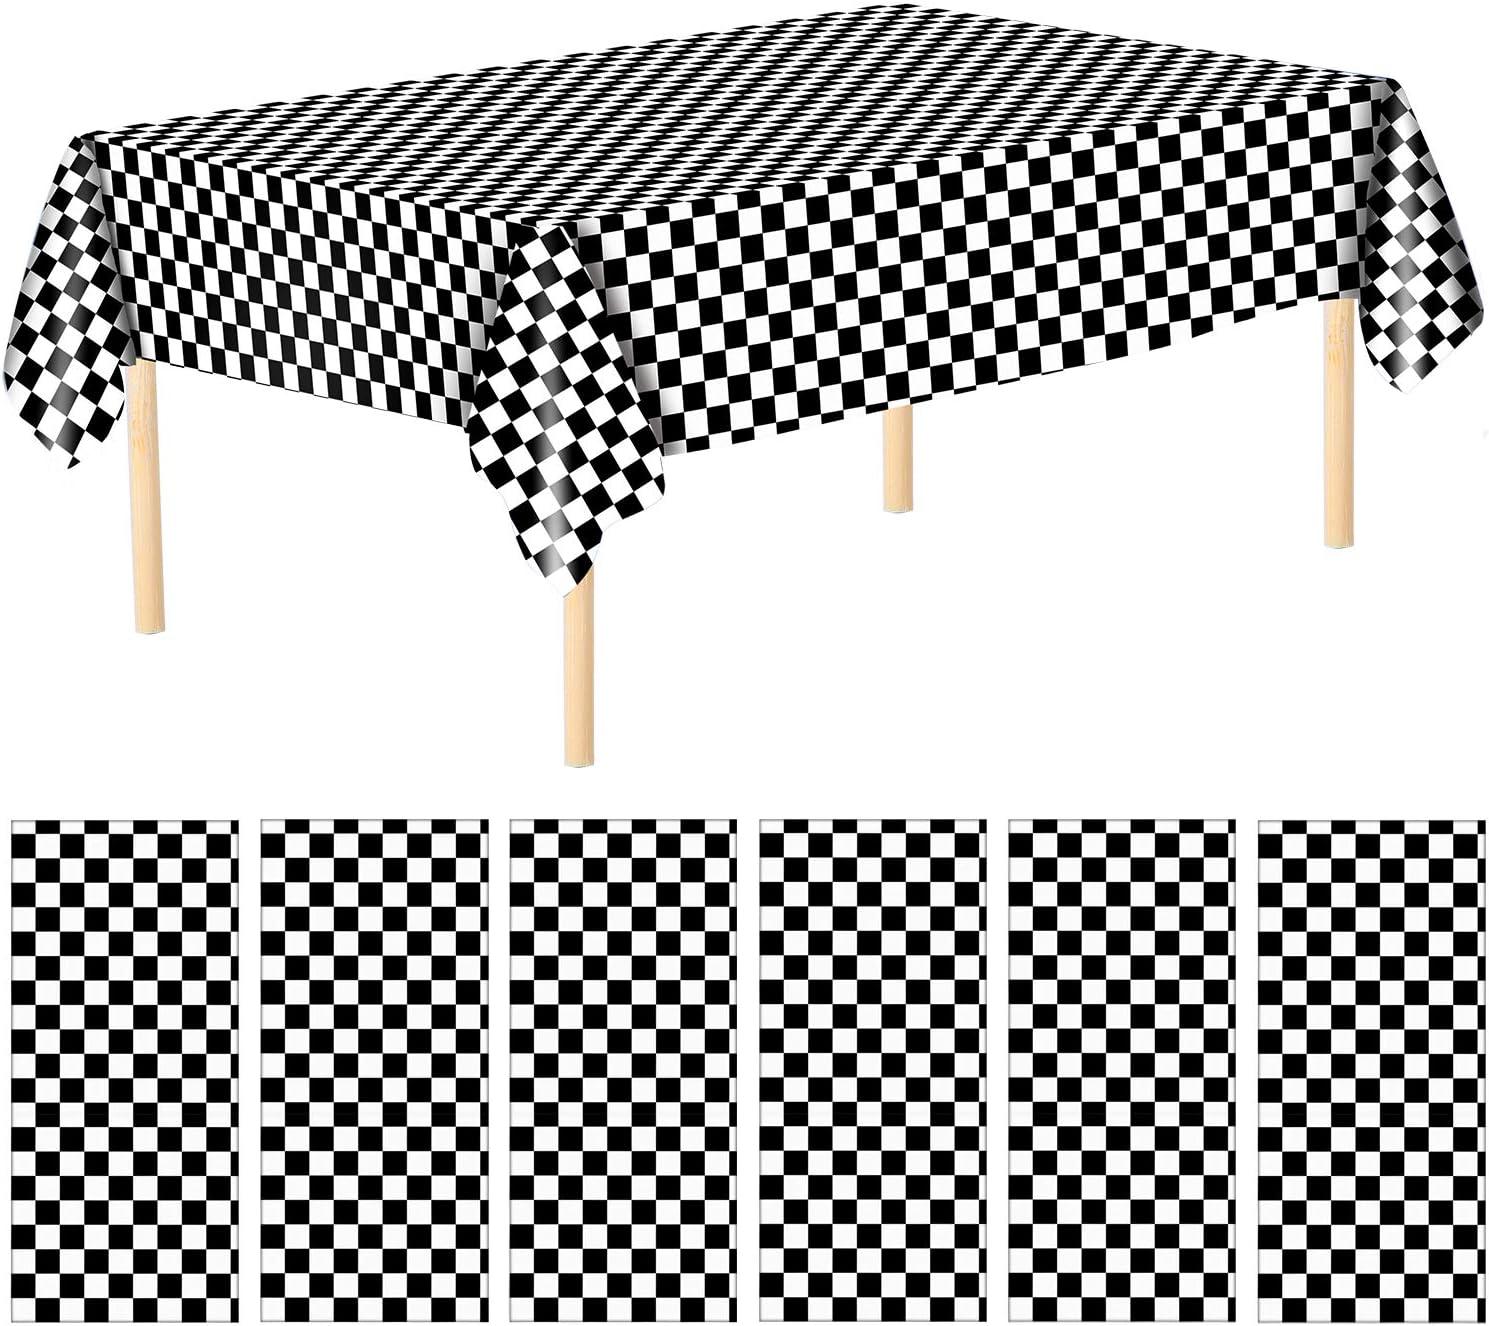 Aneco Racing - Manteles de plástico a cuadros, color blanco y negro, 137 x 274 cm, para decoración de mesas de fiesta de carreras para interiores o exteriores: Amazon.es: Hogar